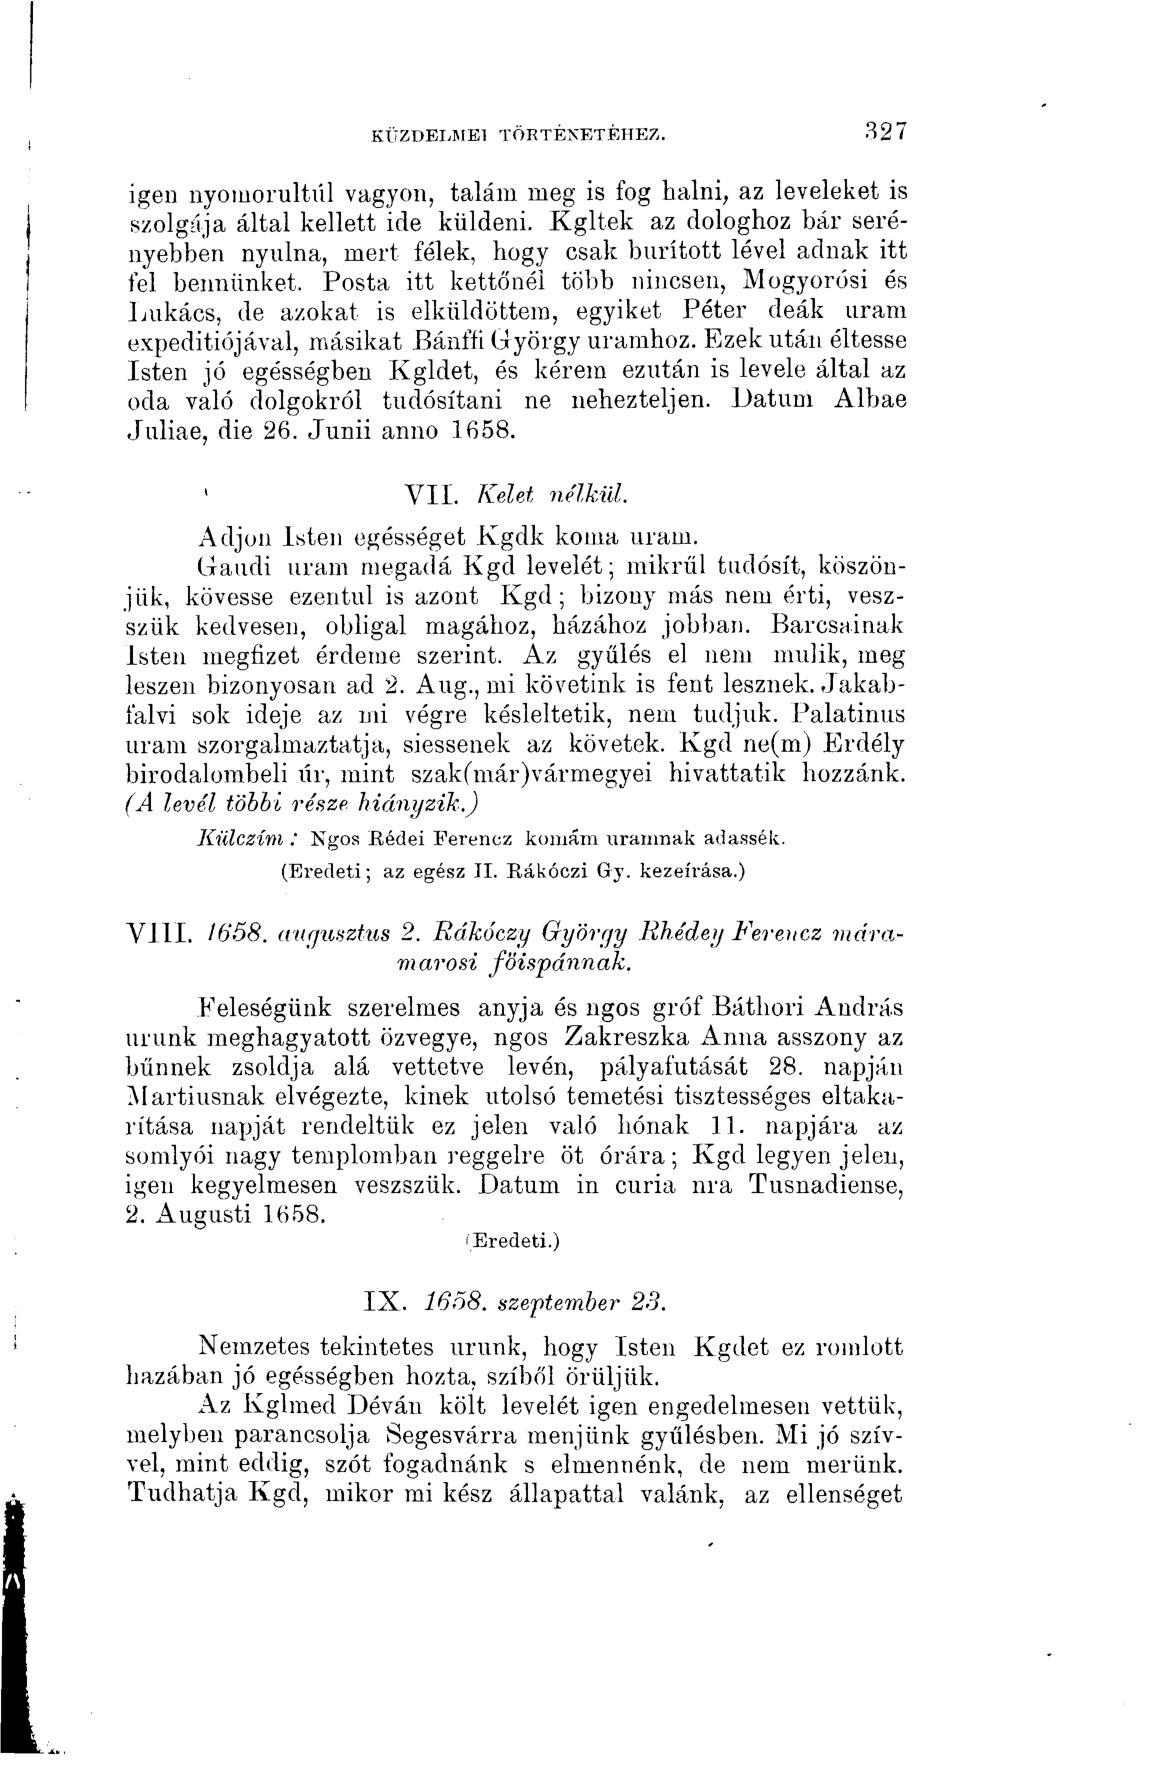 zakreszka_aguszt_11-page-001.jpg